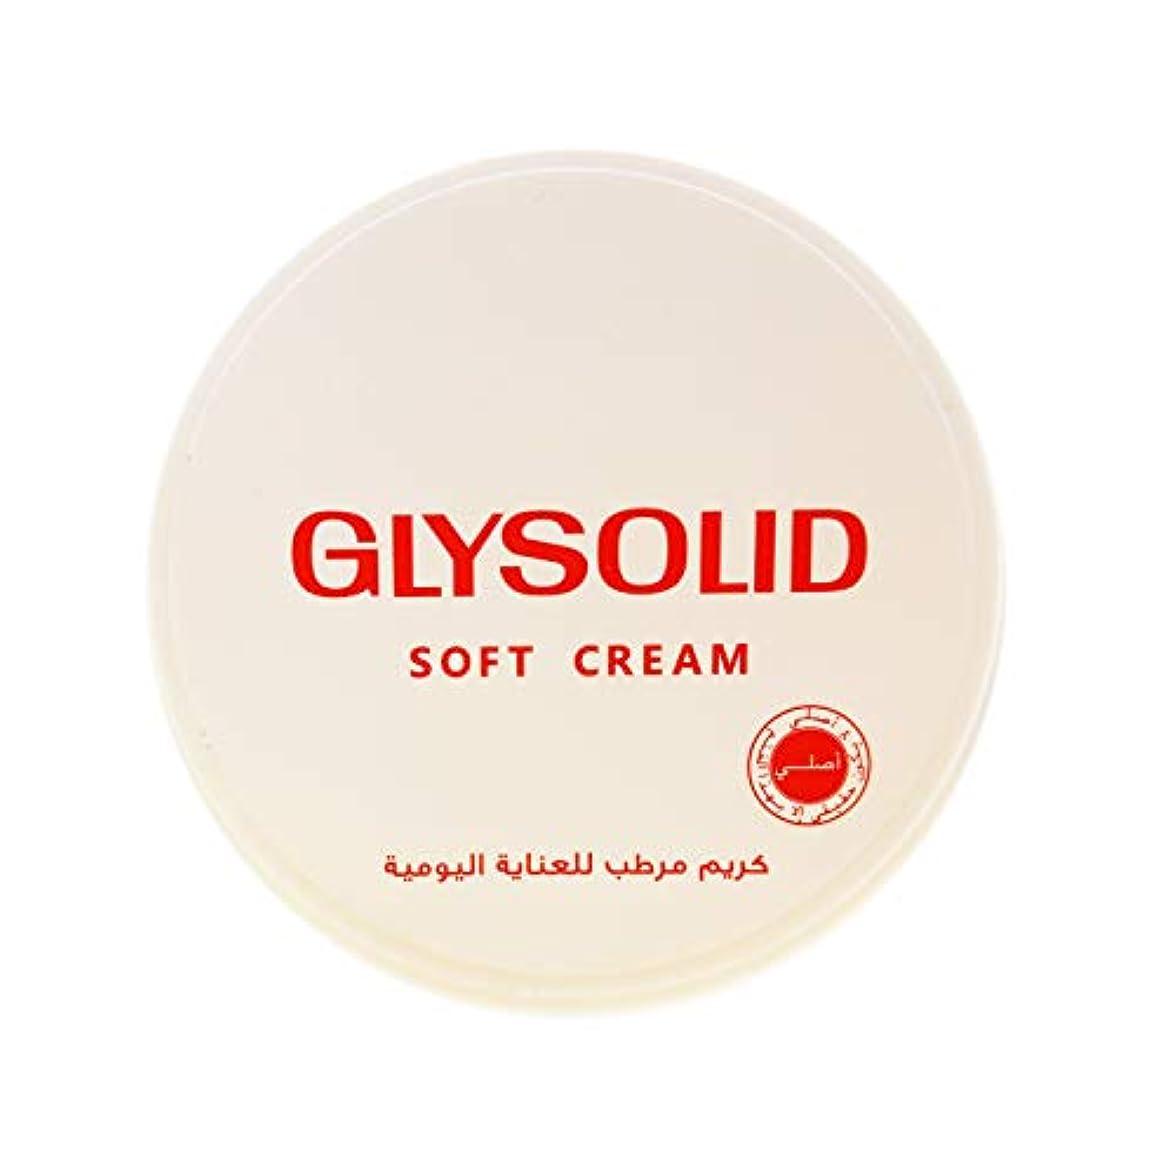 手段追い払う望まないGlysolid Soft Cream Moisturizers For Dry Skin Face Hands Feet Elbow Body Softening With Glycerin Keeping Your Skin Soft Healthy And Smooth (100 ml)